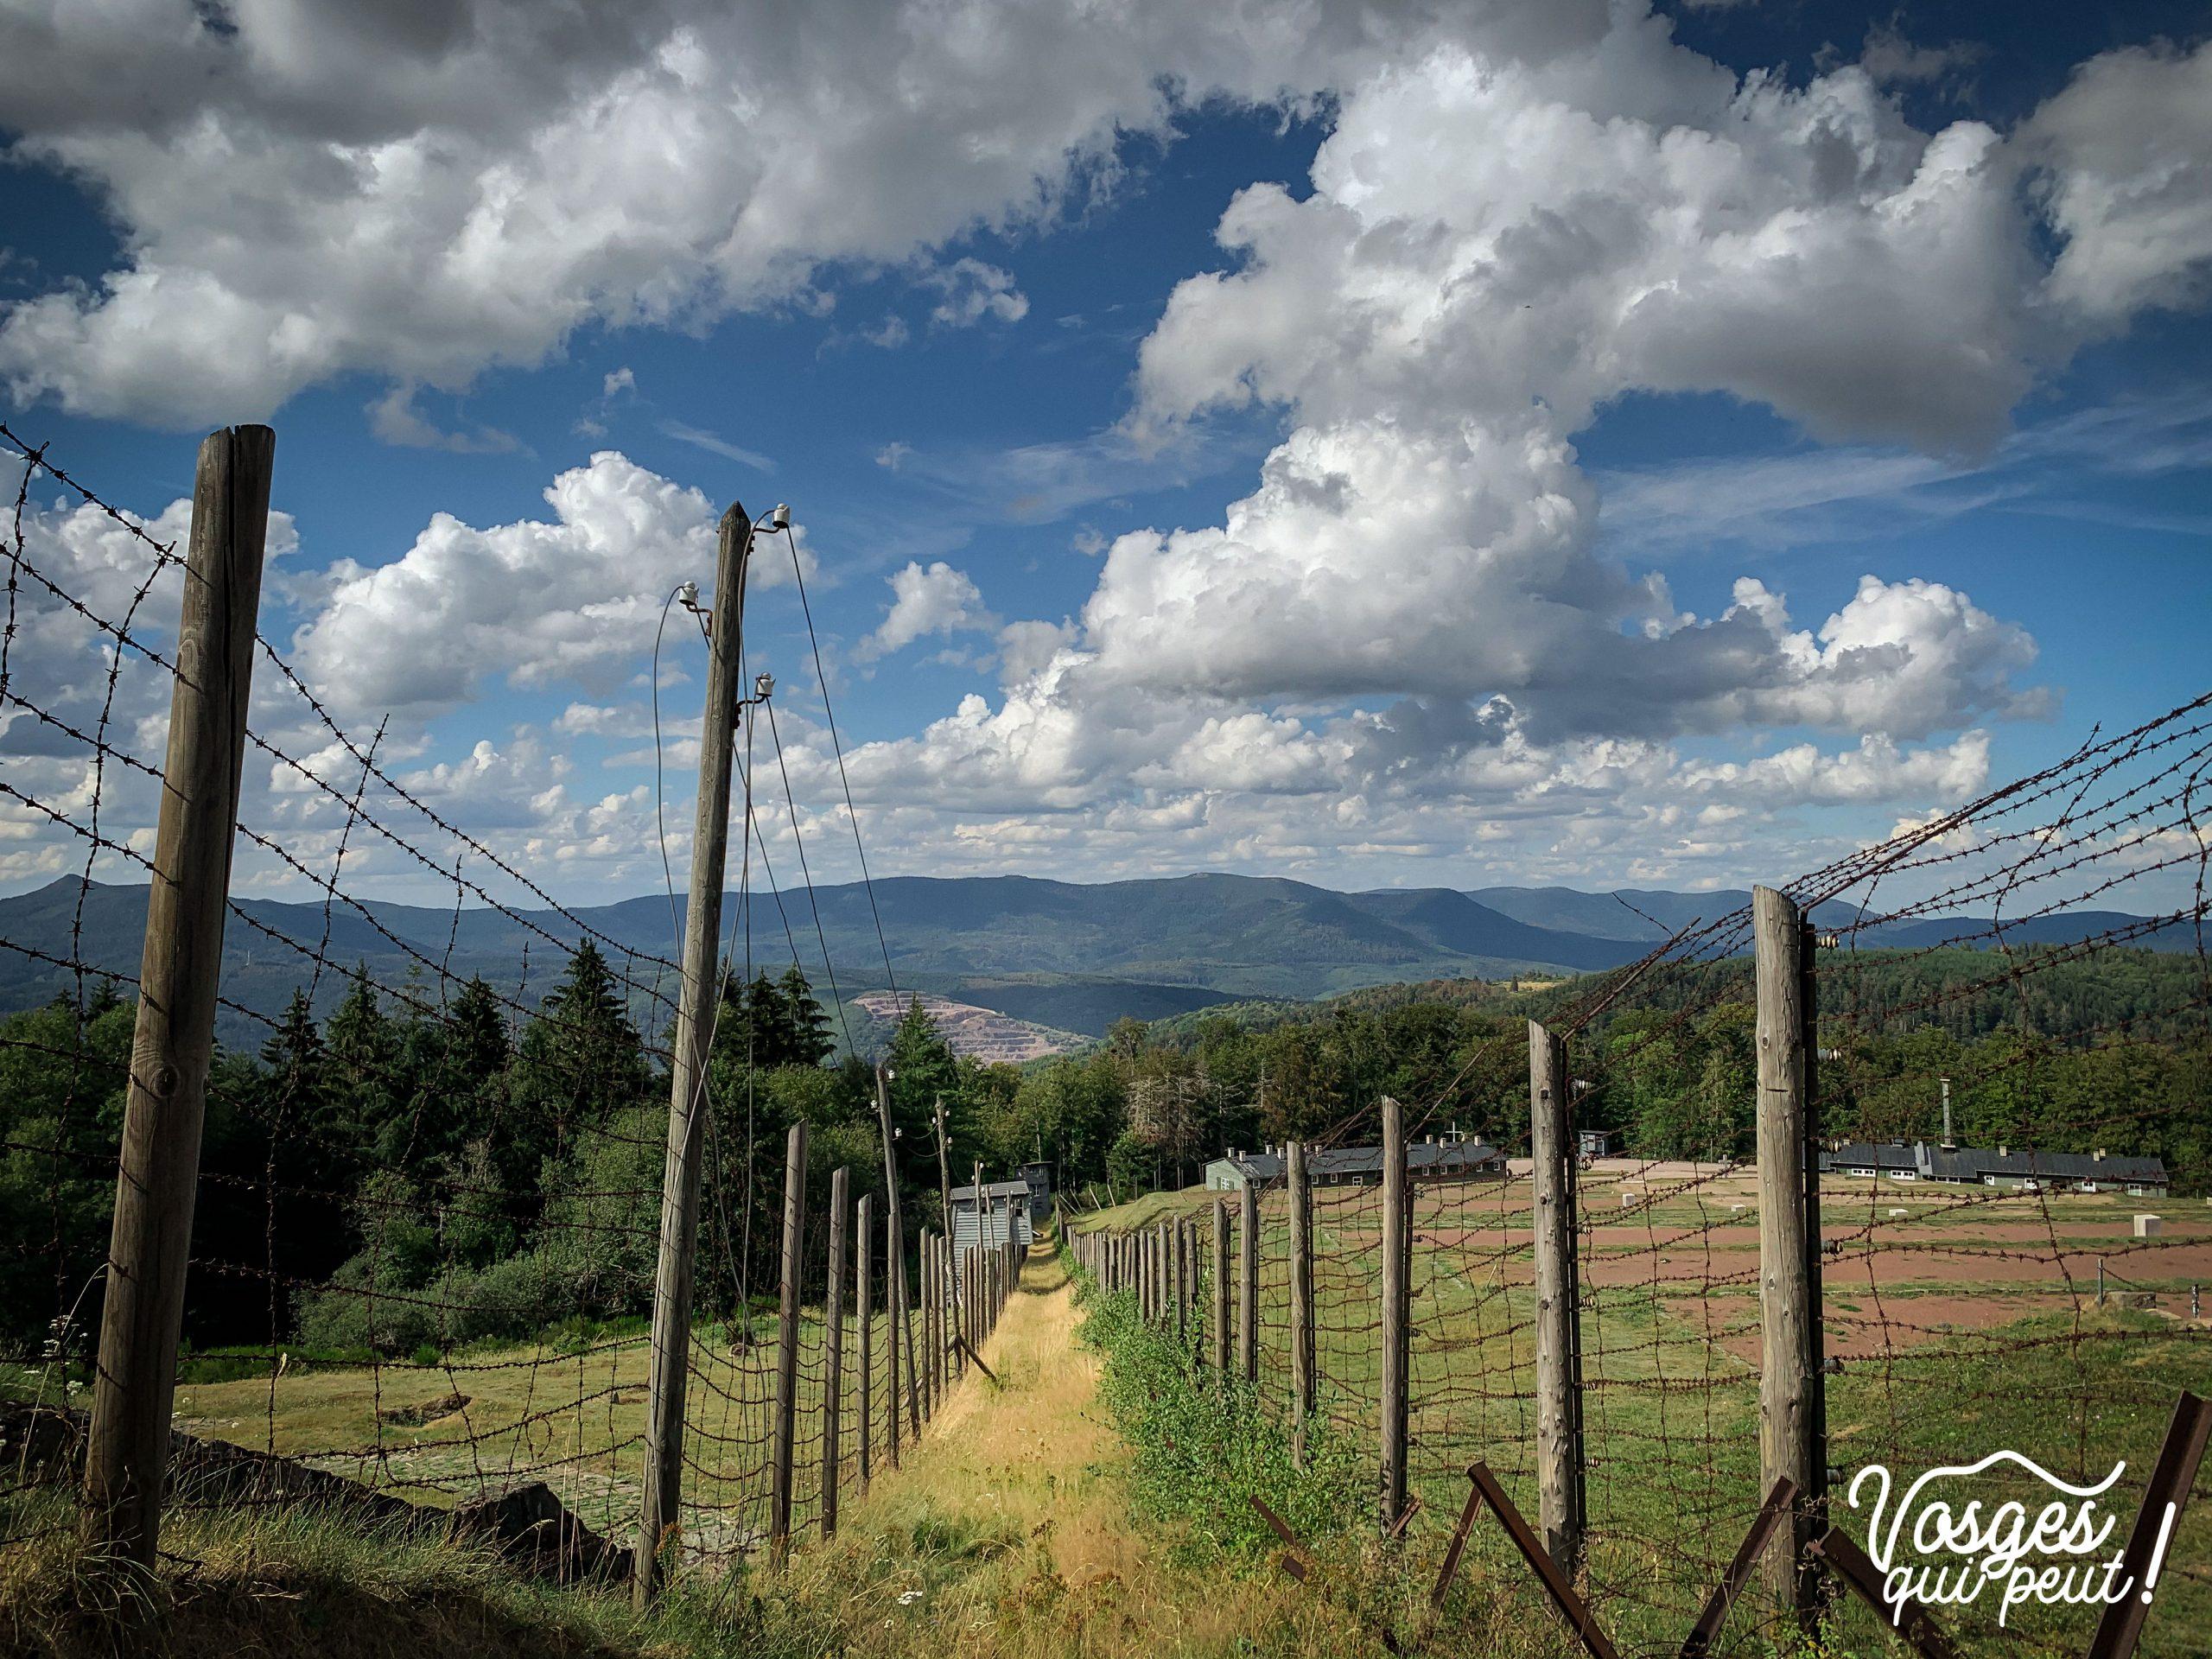 Vue sur le camp du Struthof dans le Massif des Vosges